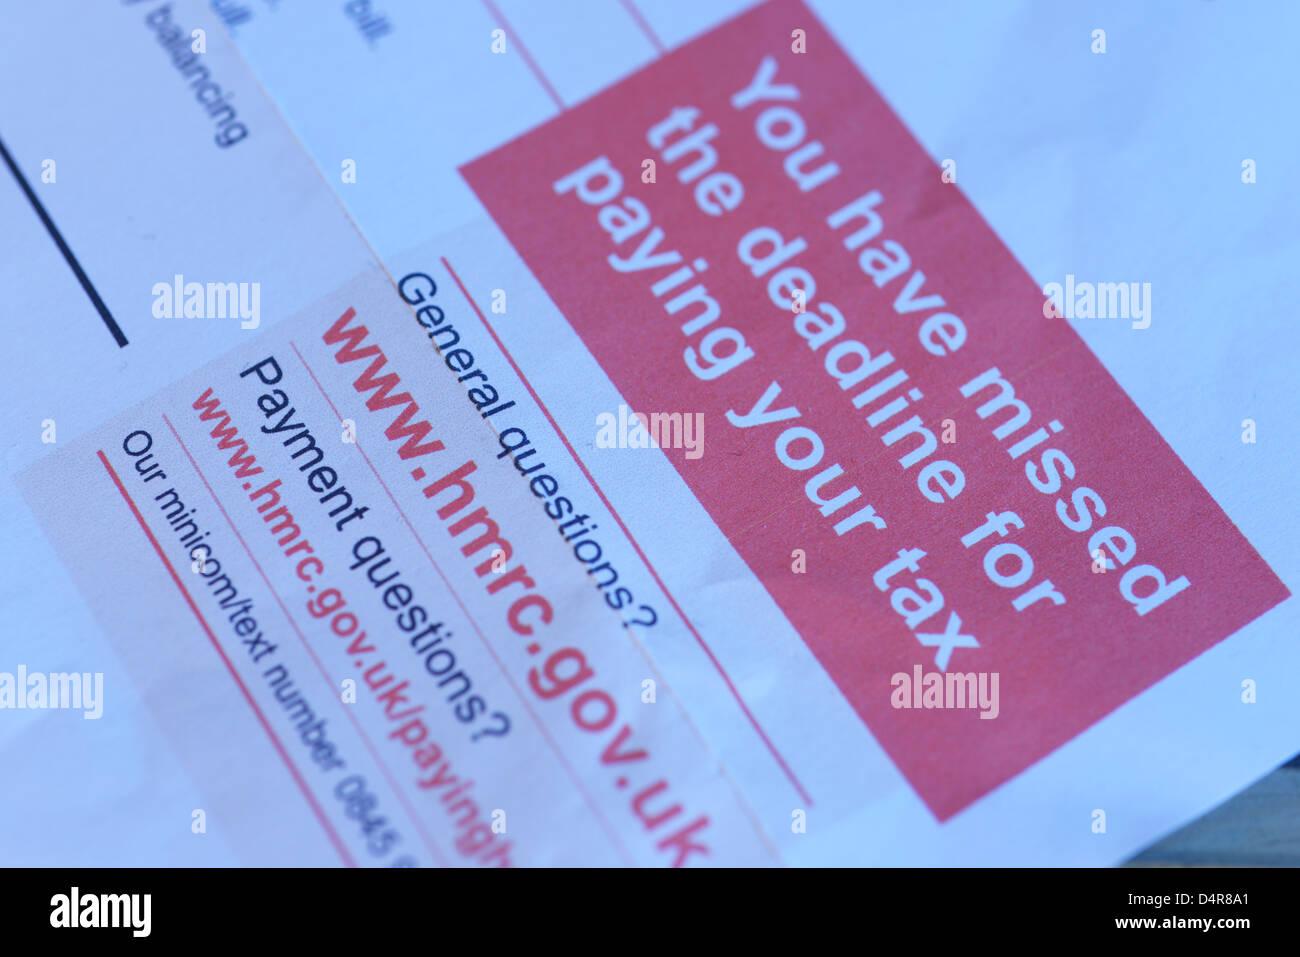 HM Revenue & Customs, HMRC auto évaluation de la demande finale de la lettre de rappel. Photo Stock